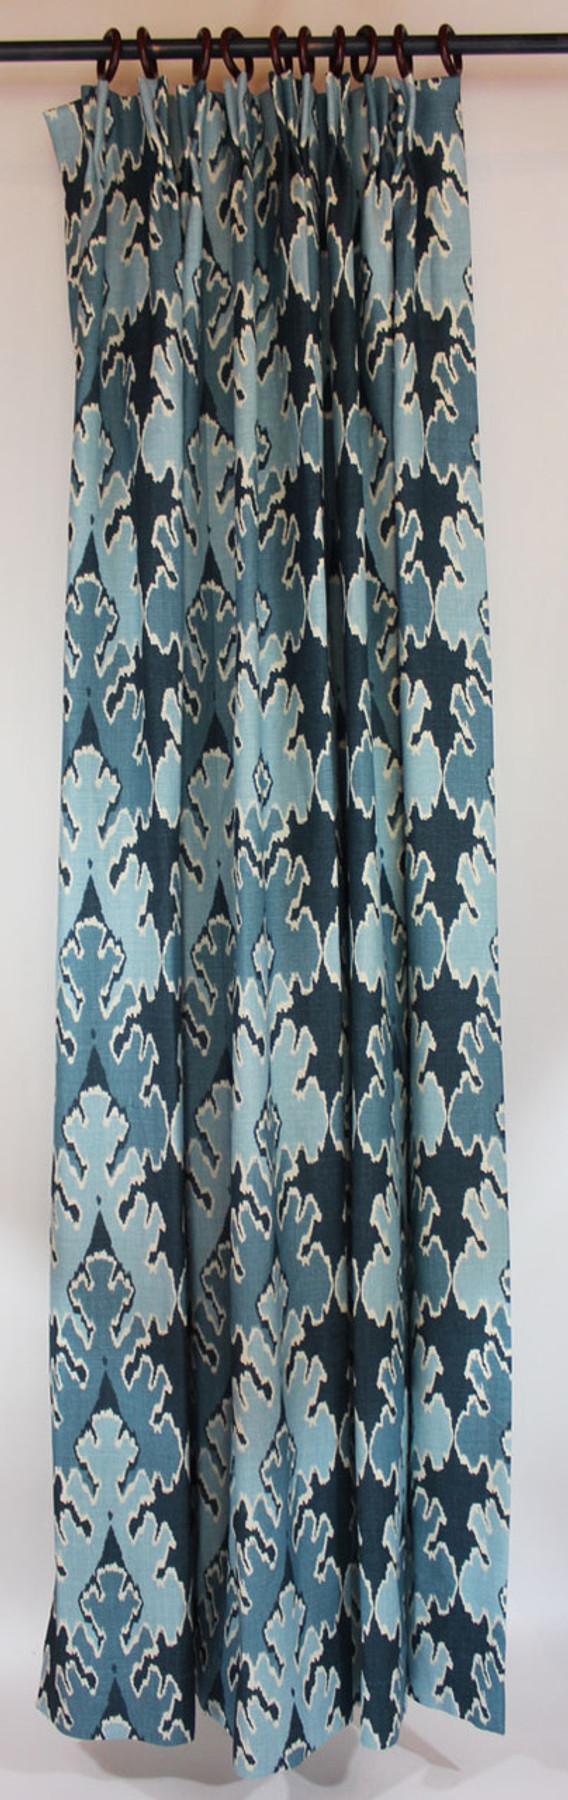 One pleated panel (1 1/2 Widths) in Kelly Wearstler Bengal Bazaar Teal